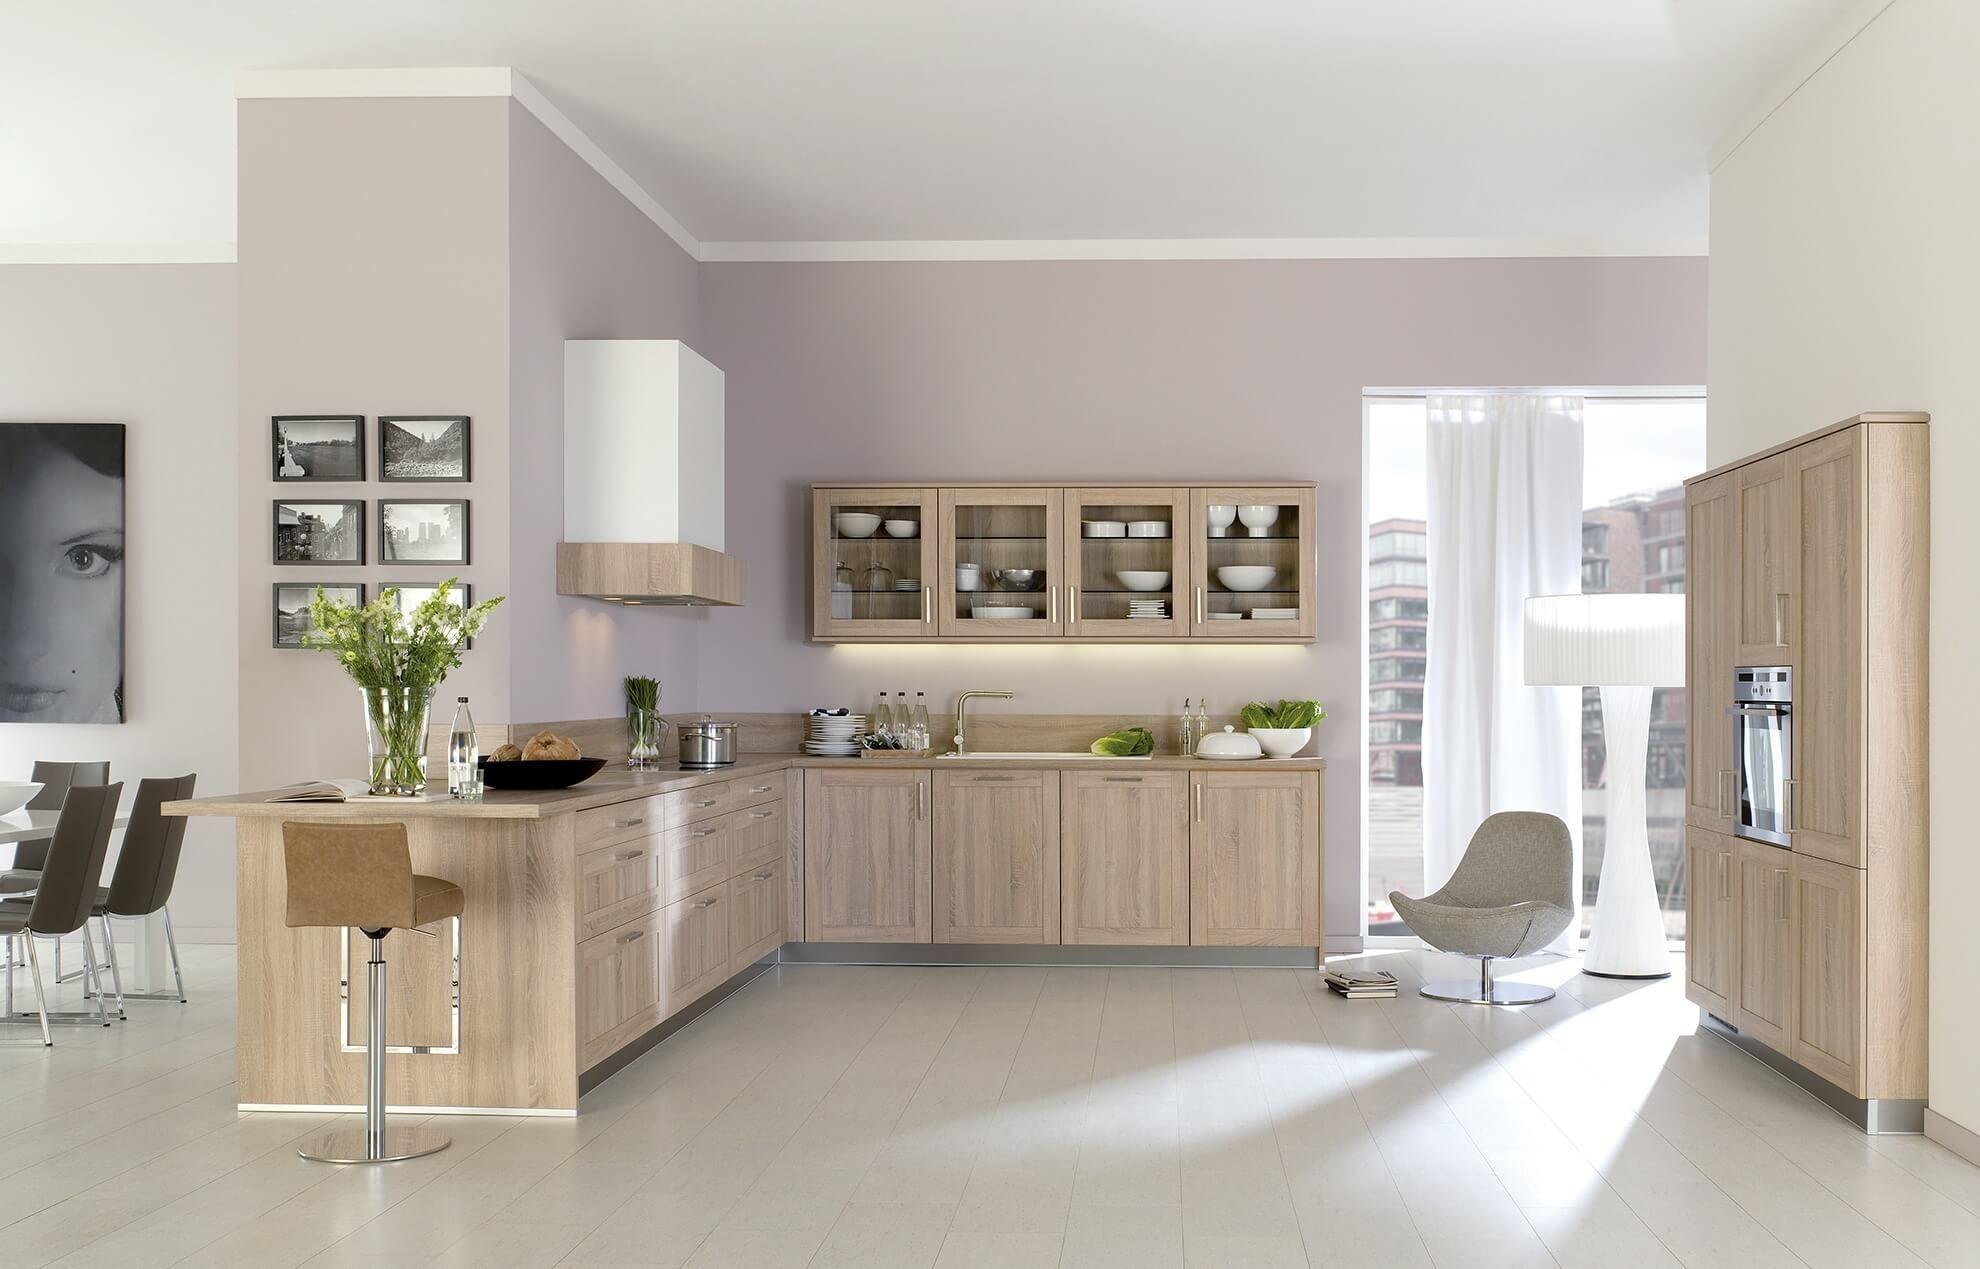 Küchenprofis sie planen ihre einbauküche als küchenprofis arbeiten wir gerne mit